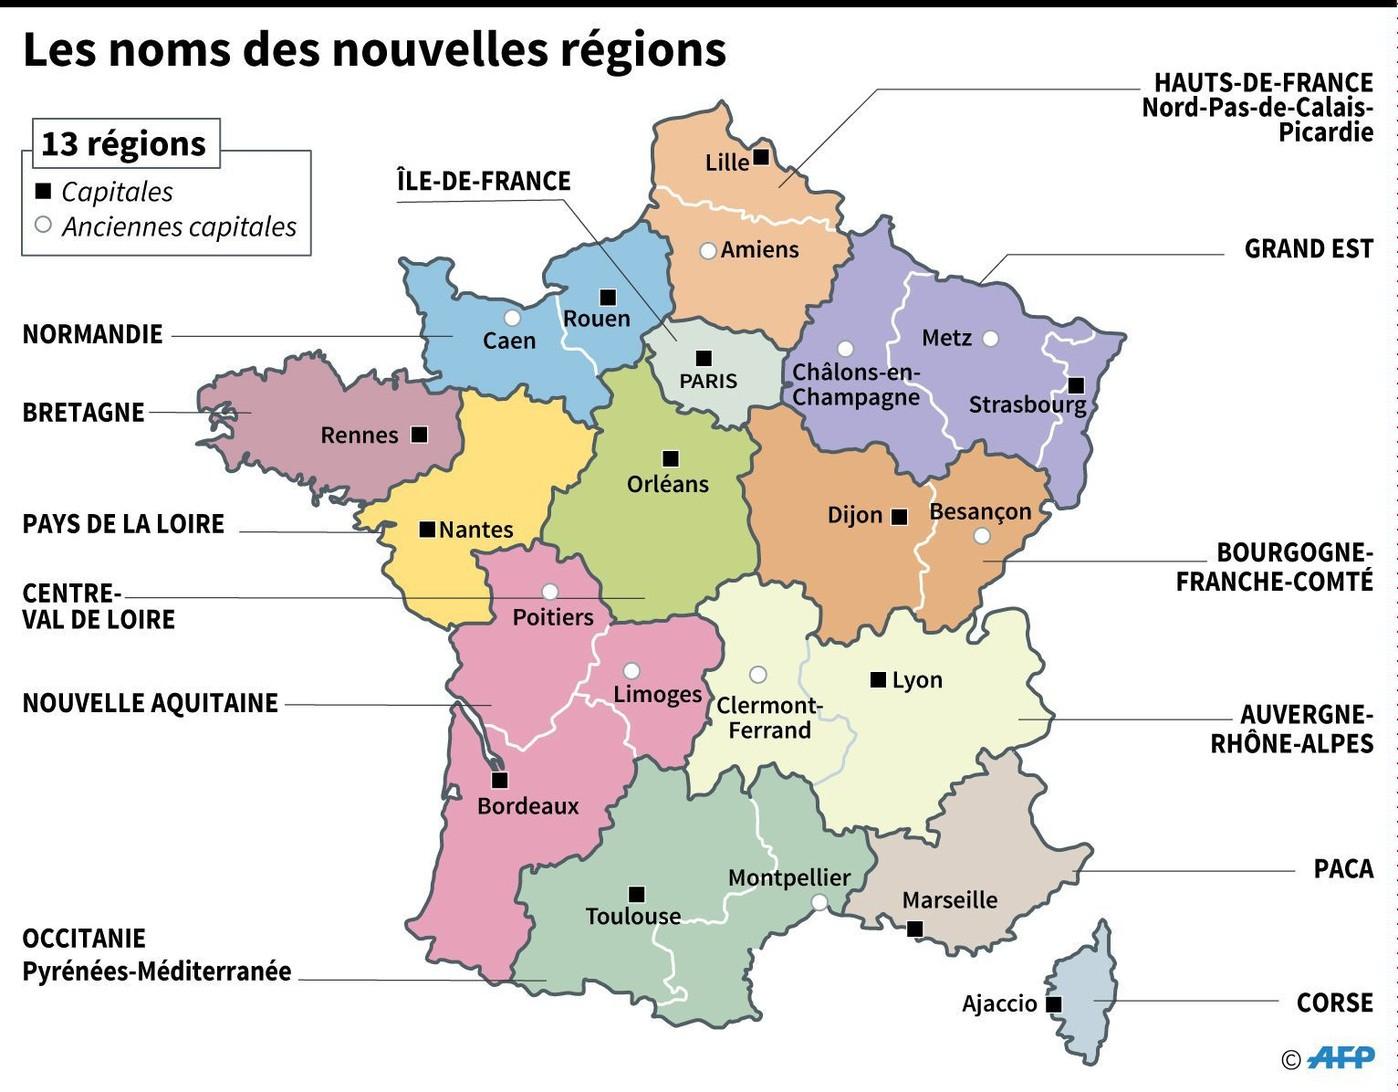 Ce Que Signifie Le Nom Des Nouvelles Régions serapportantà Les Nouvelles Régions De France